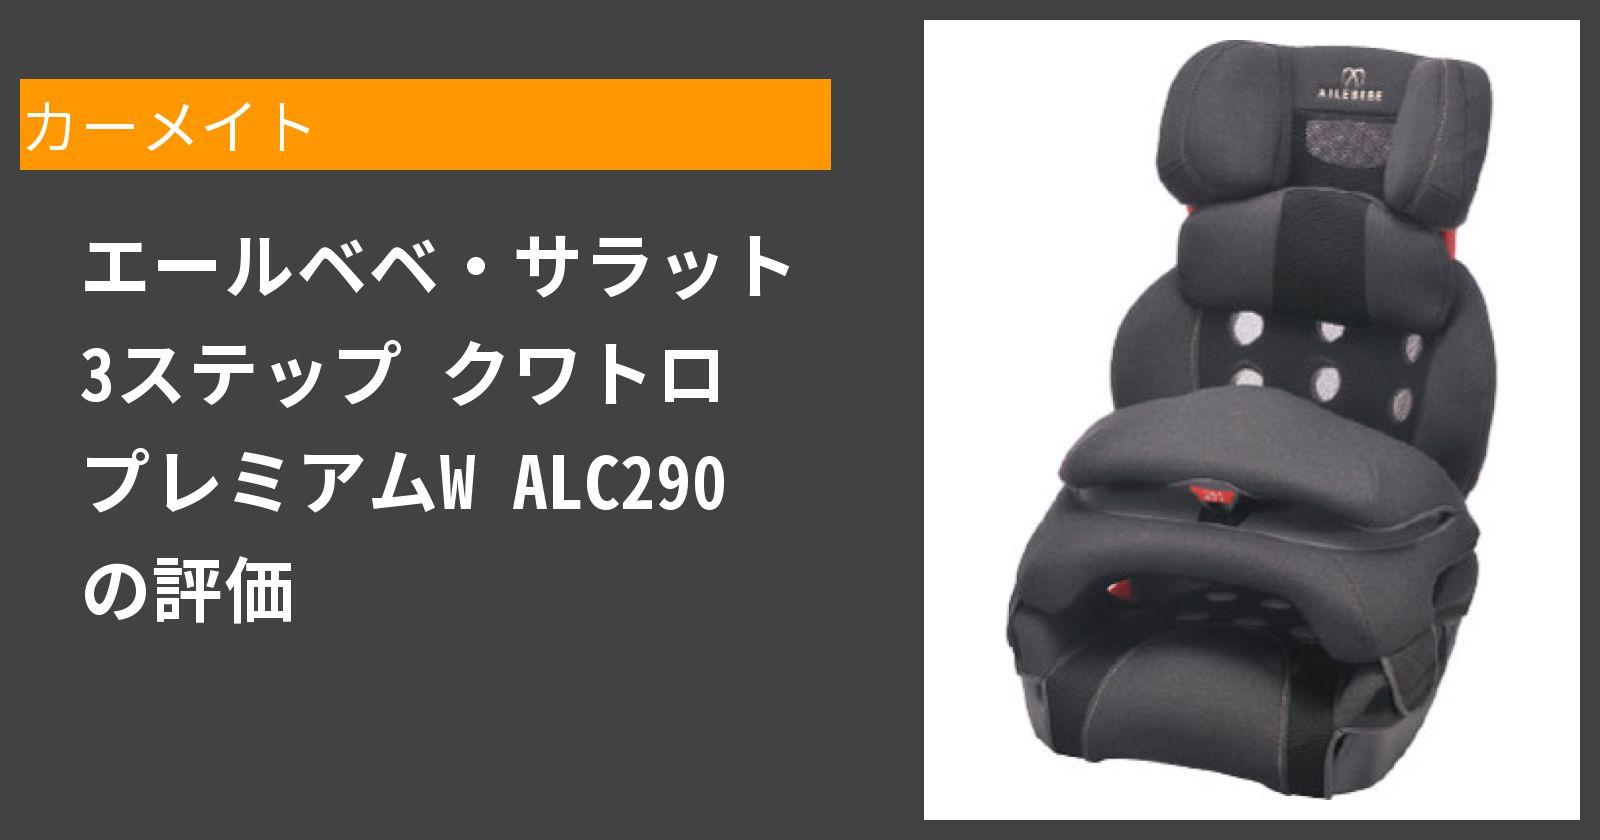 エールベベ・サラット 3ステップ クワトロ プレミアムW ALC290を徹底評価